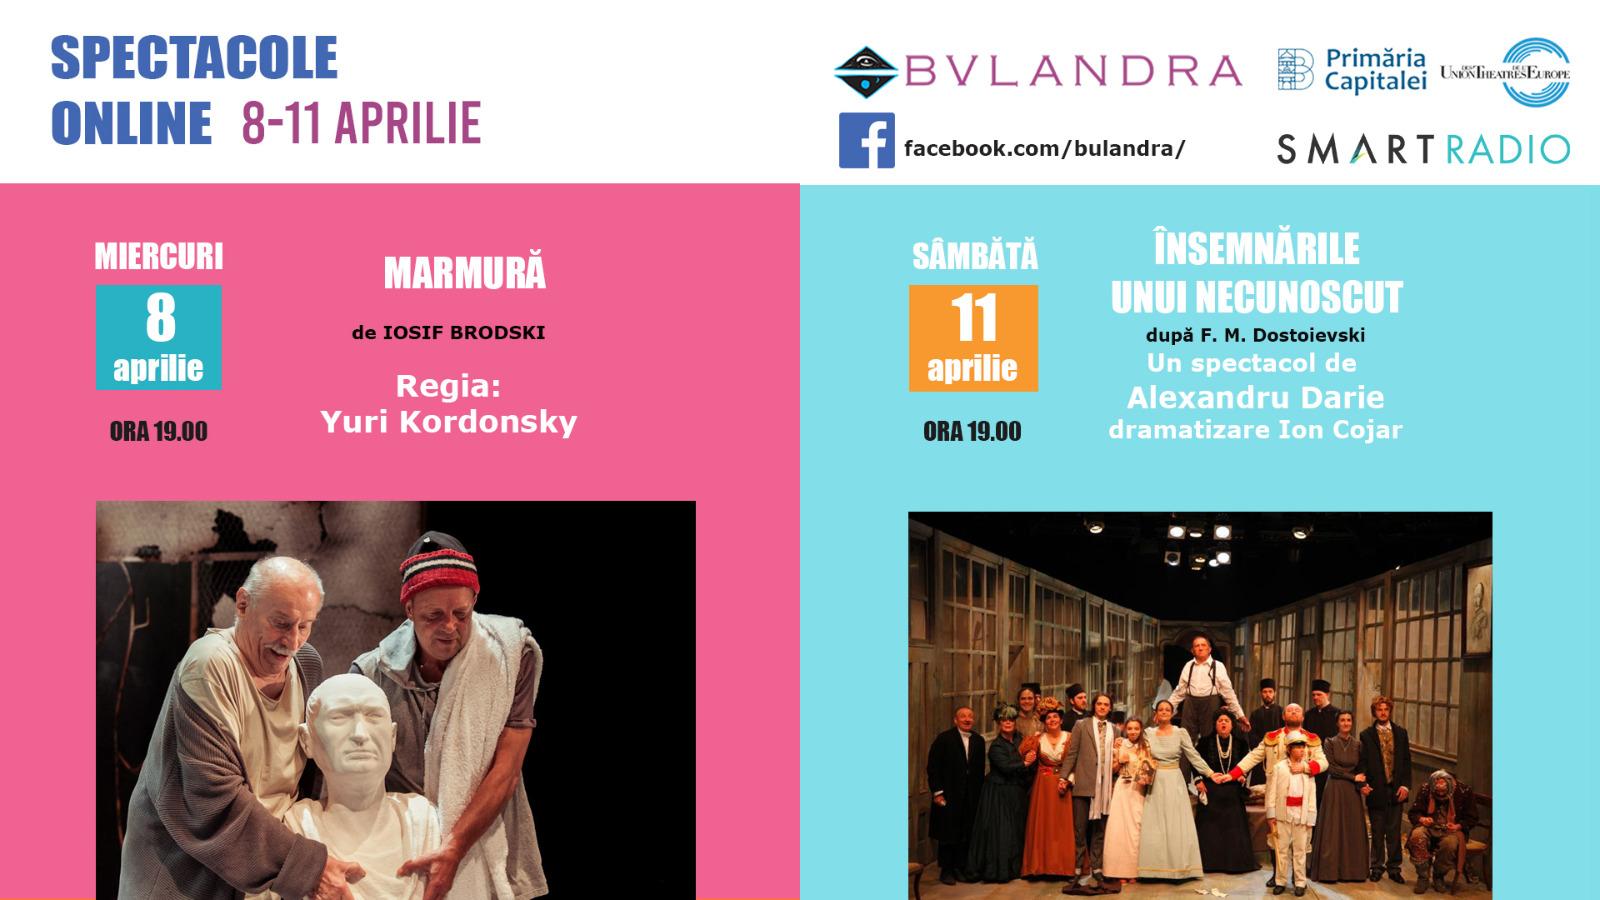 Săptămâna asta, două noi spectacole de la Bulandra, online pe SmartRadio.ro